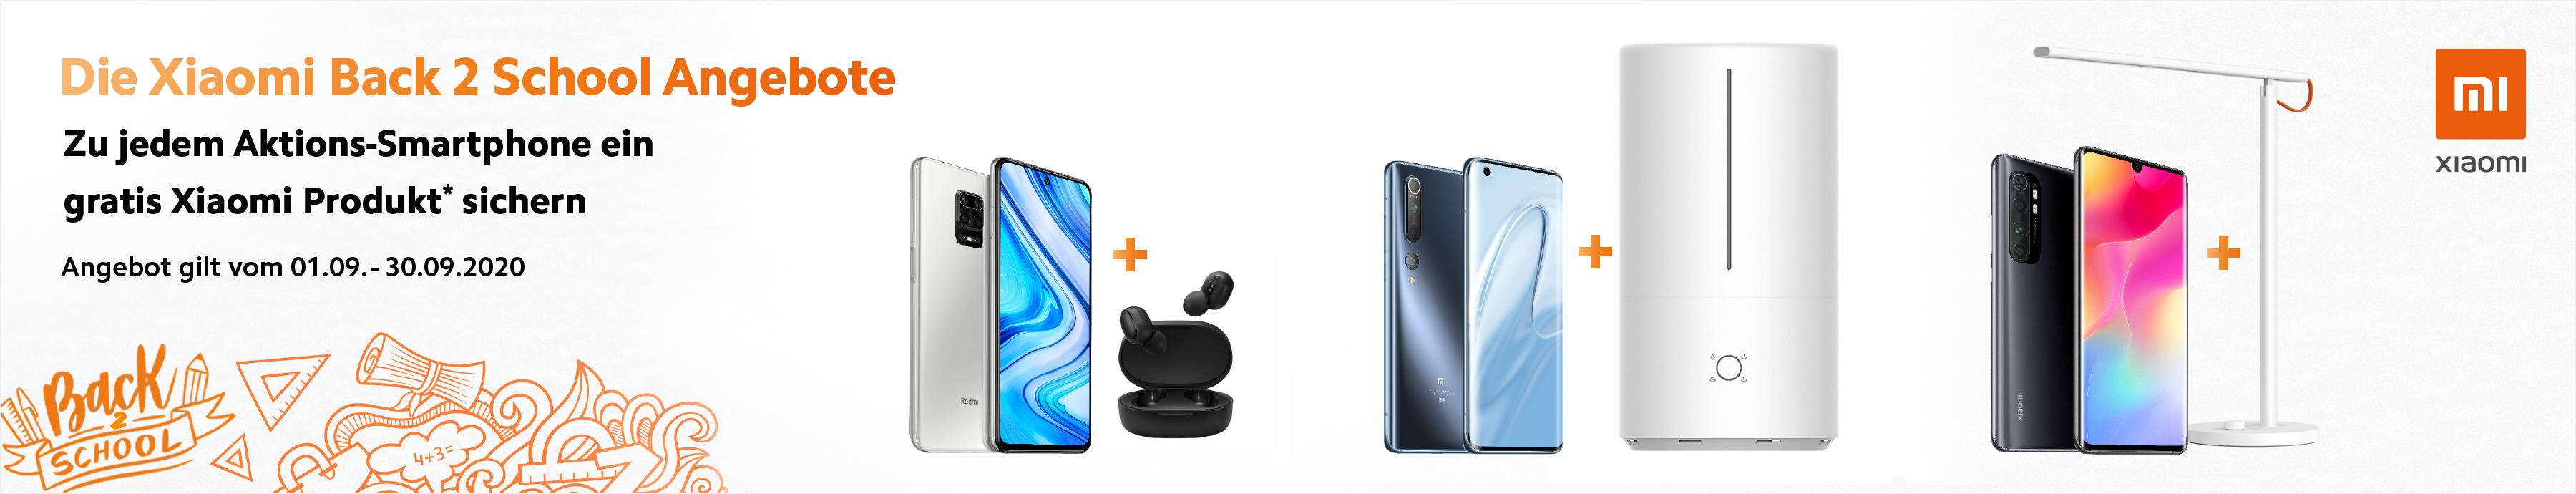 Xiaomi Redmi Note 9 Pro, Xiaomi Mi 10, Xiaomi Mi Note 10 lite